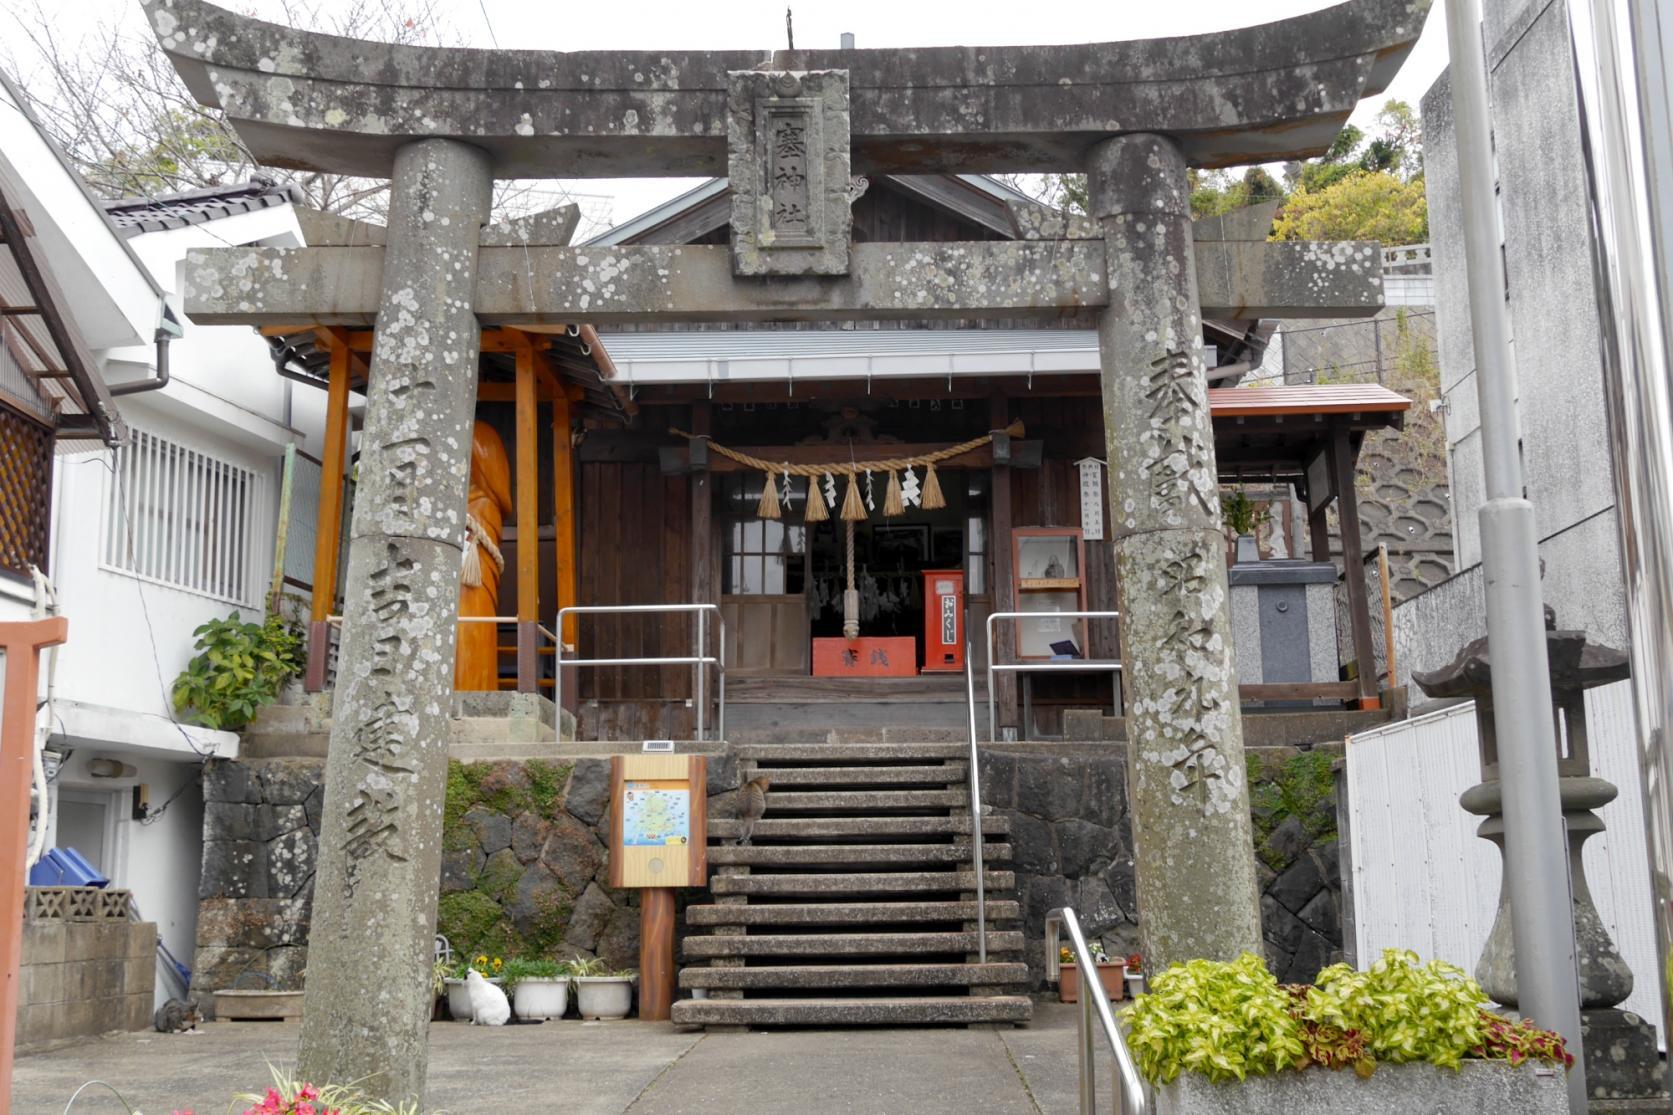 巨大なシンボルが鎮座する塞神社-1